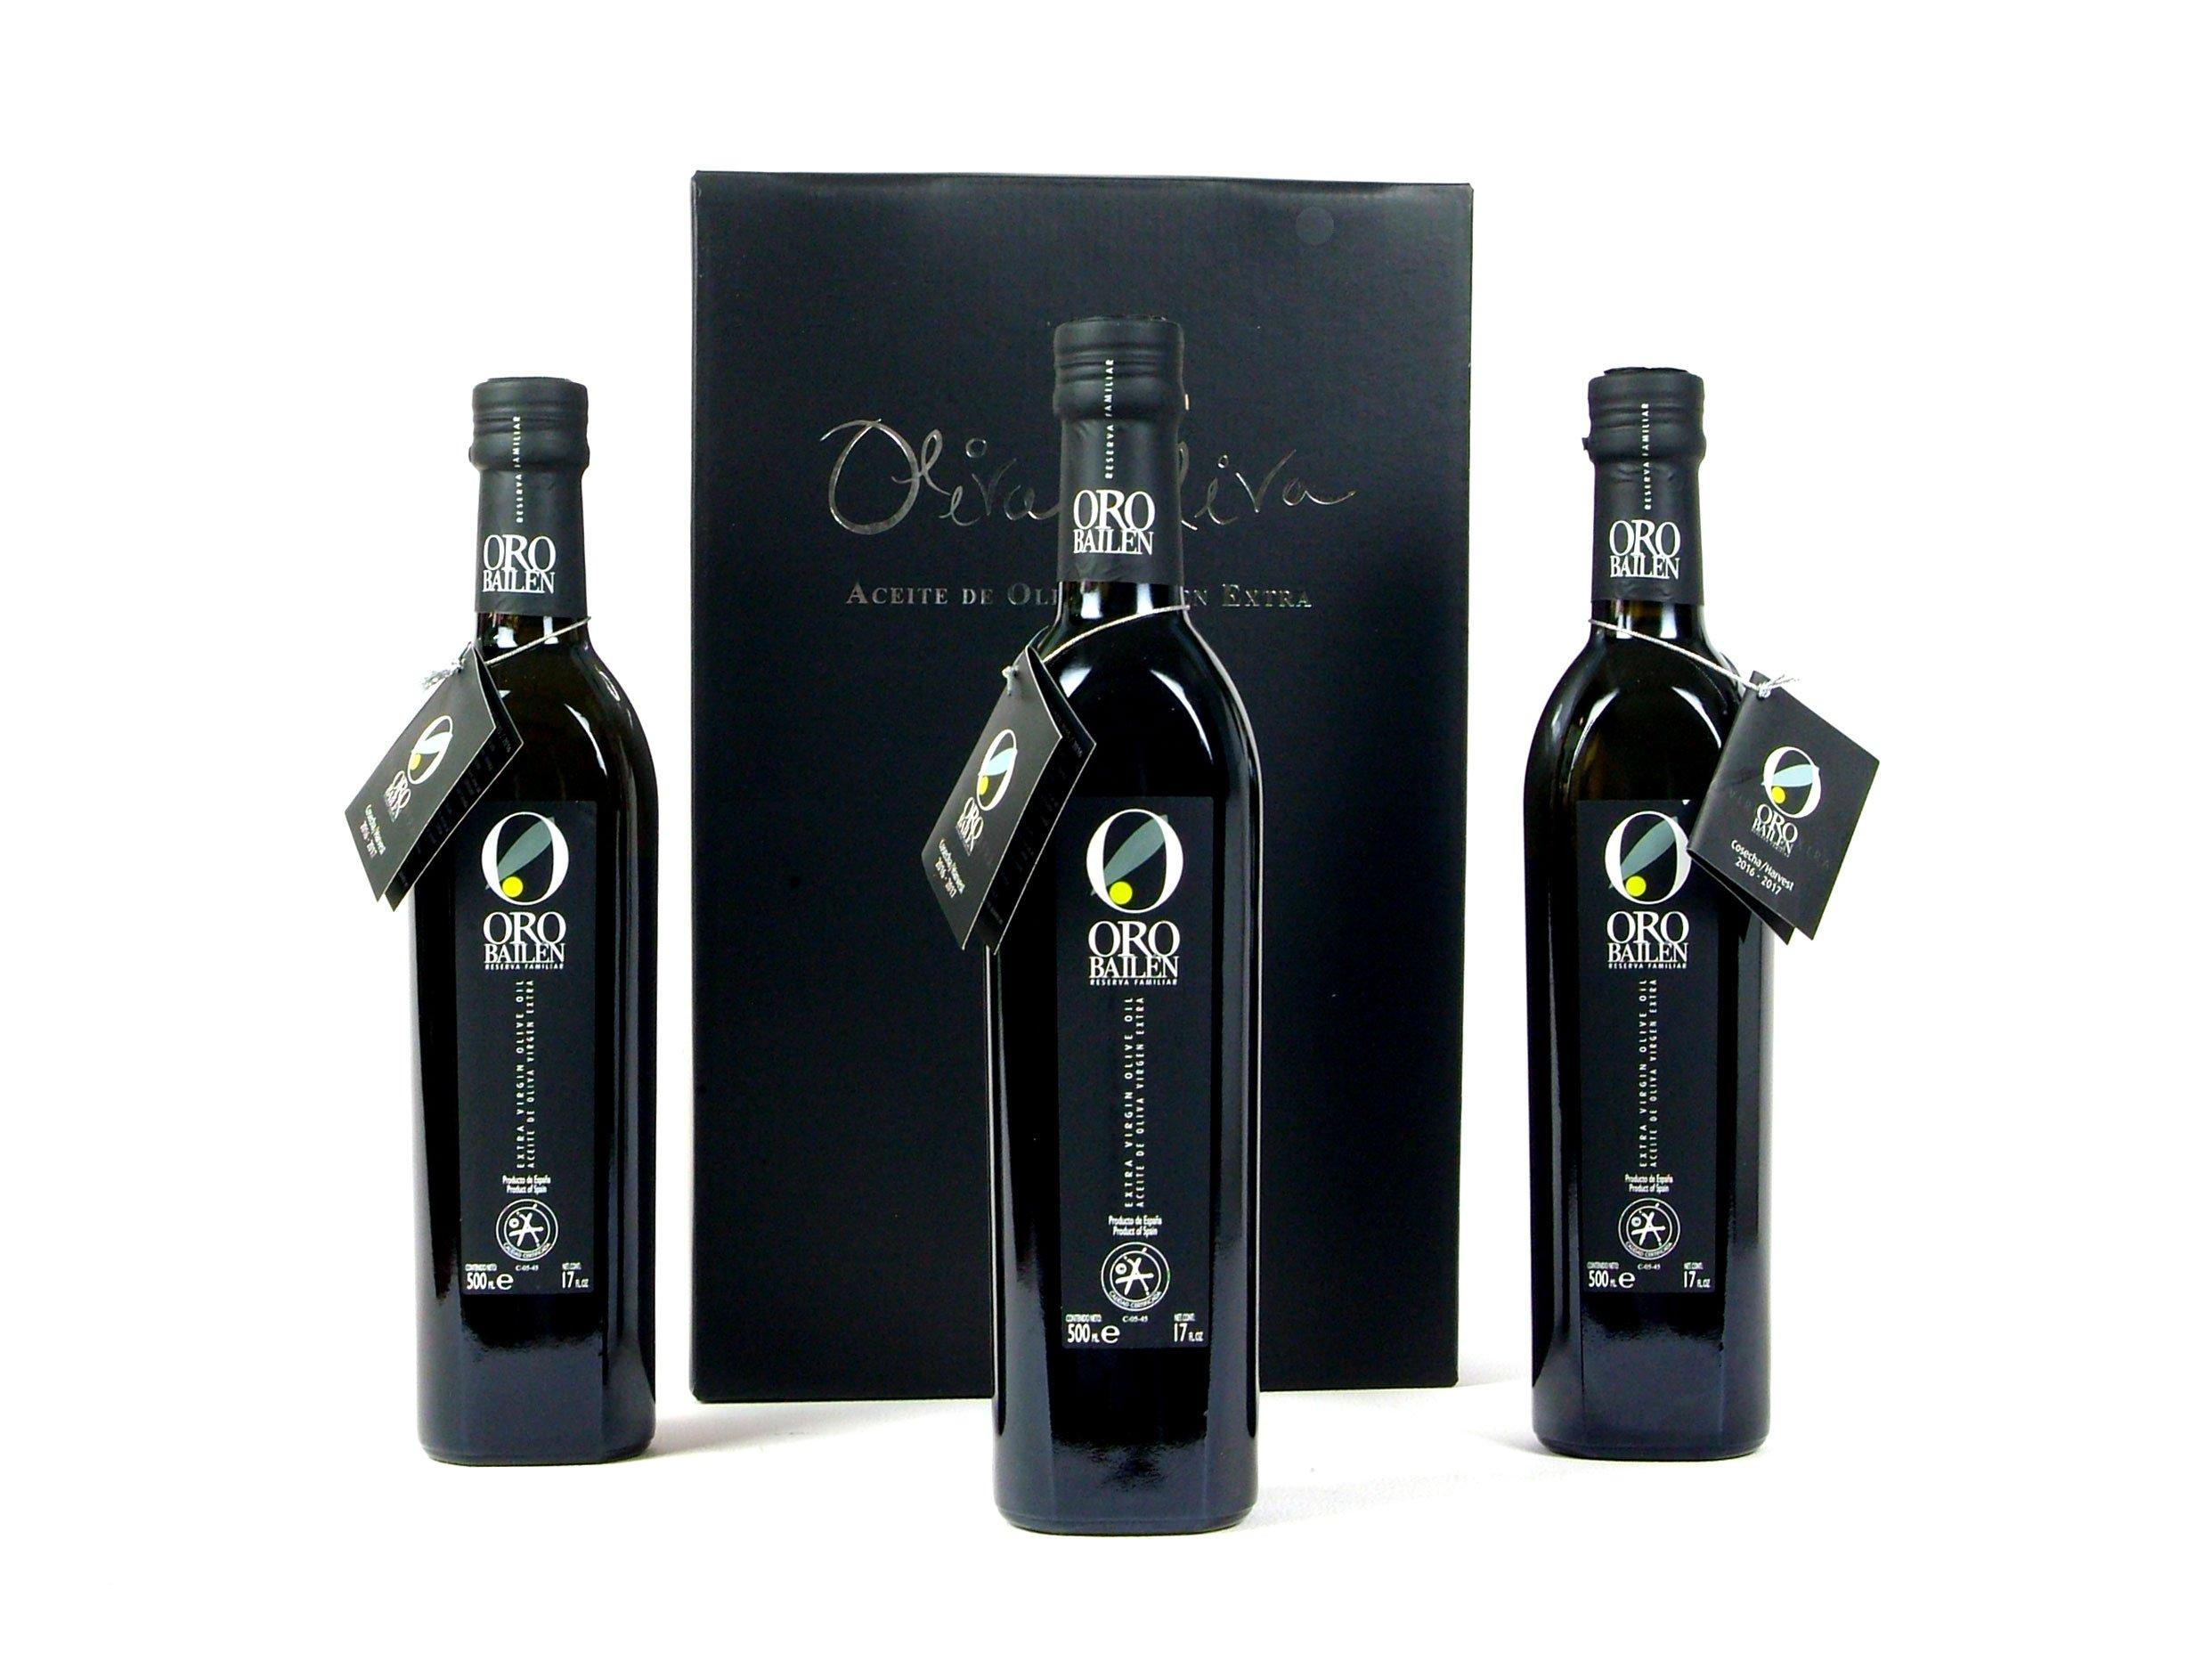 3 bottles Oro Bailen Family Reserve - Extra Virgin Olive Oil, New Harvest 2017, 17-Ounce / 500 ml by Oro Bailen (Image #1)